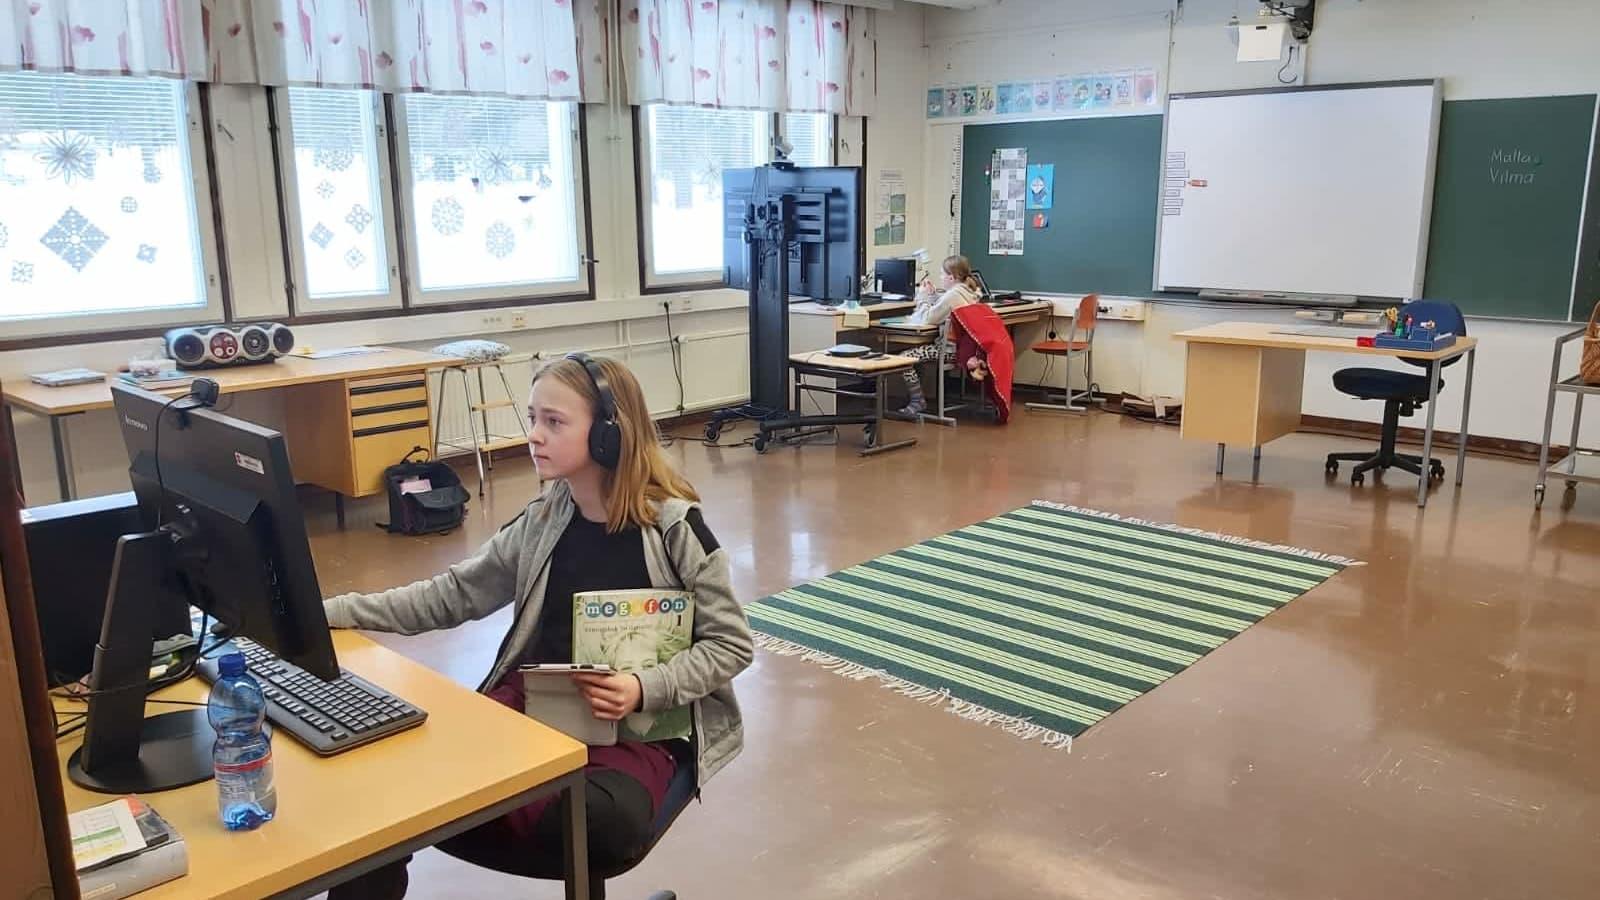 Malla ja Vilma Pyhäjärvi opiskelivat etänä lakkautetun Lokan koulun tiloissa. Lähikouluun on matkaa 90 kilometriä.